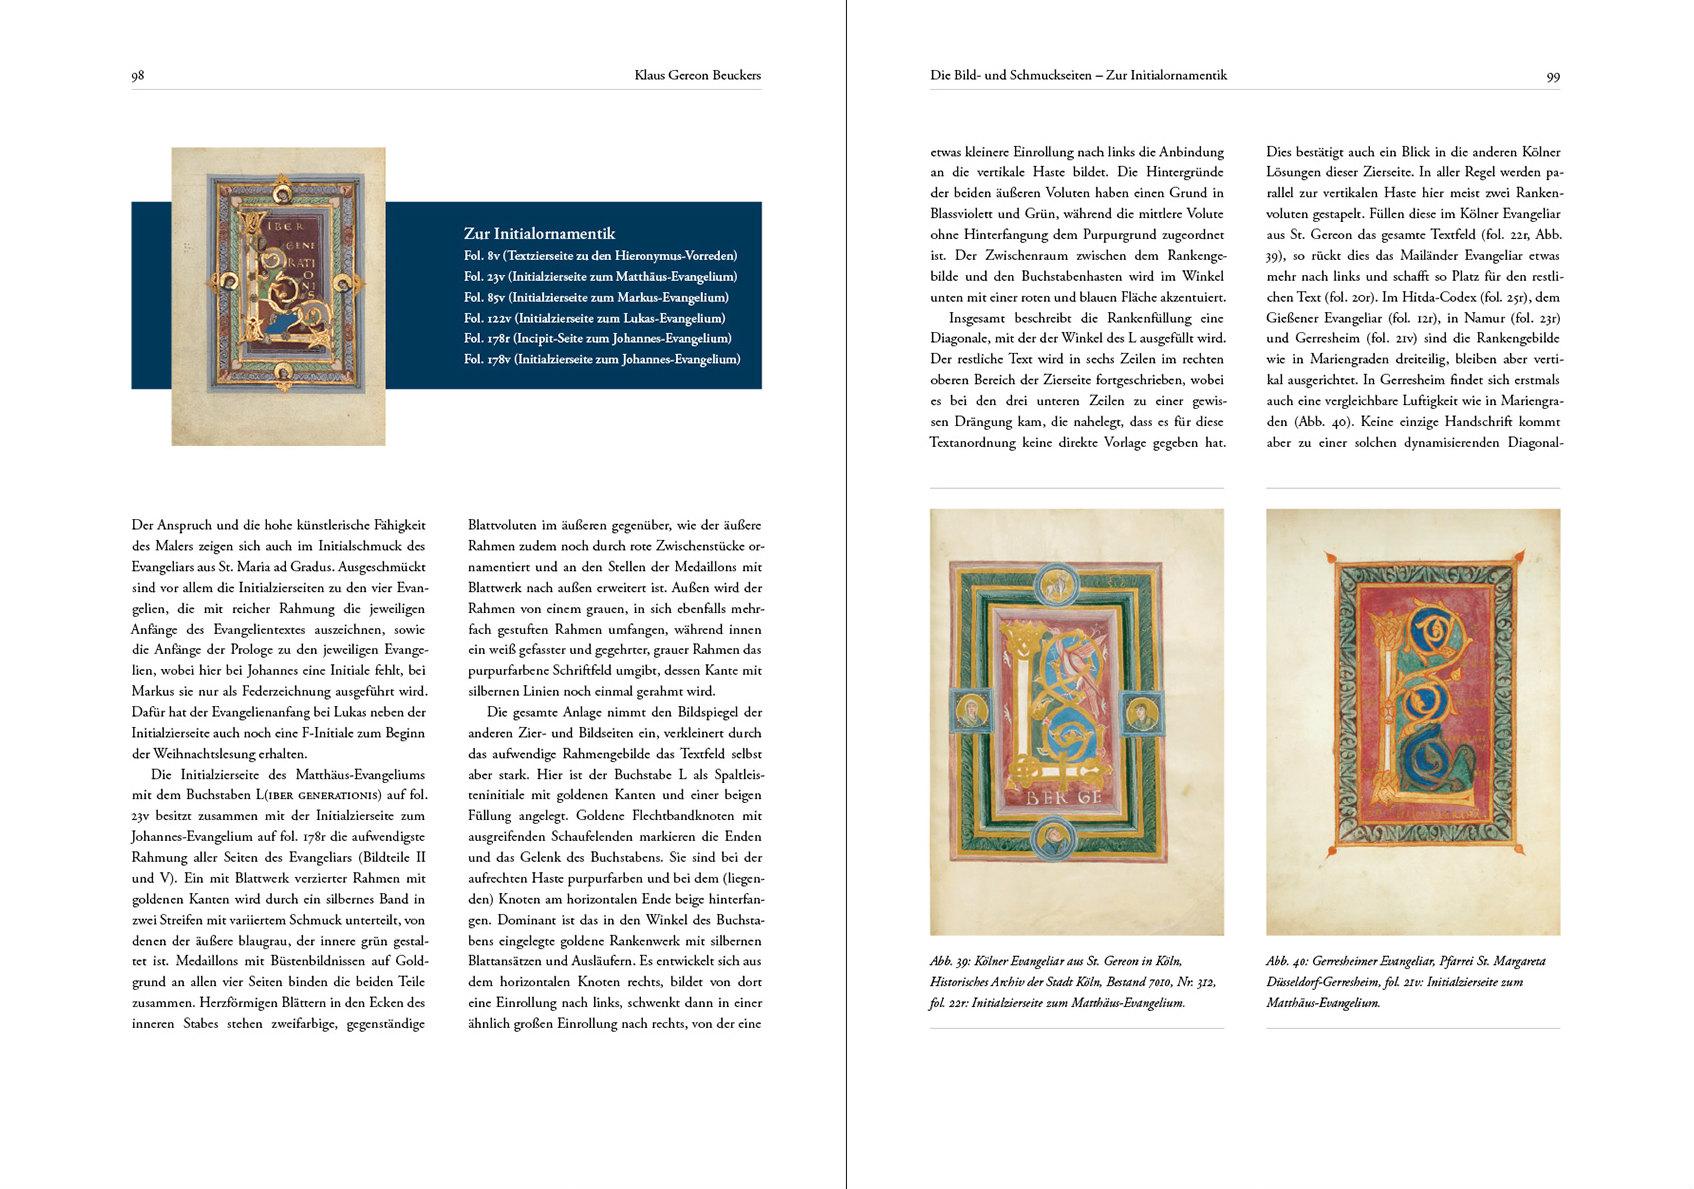 Kunstbuch-Edition des Prachtevangeliars aus Mariengraden, p. 98-99